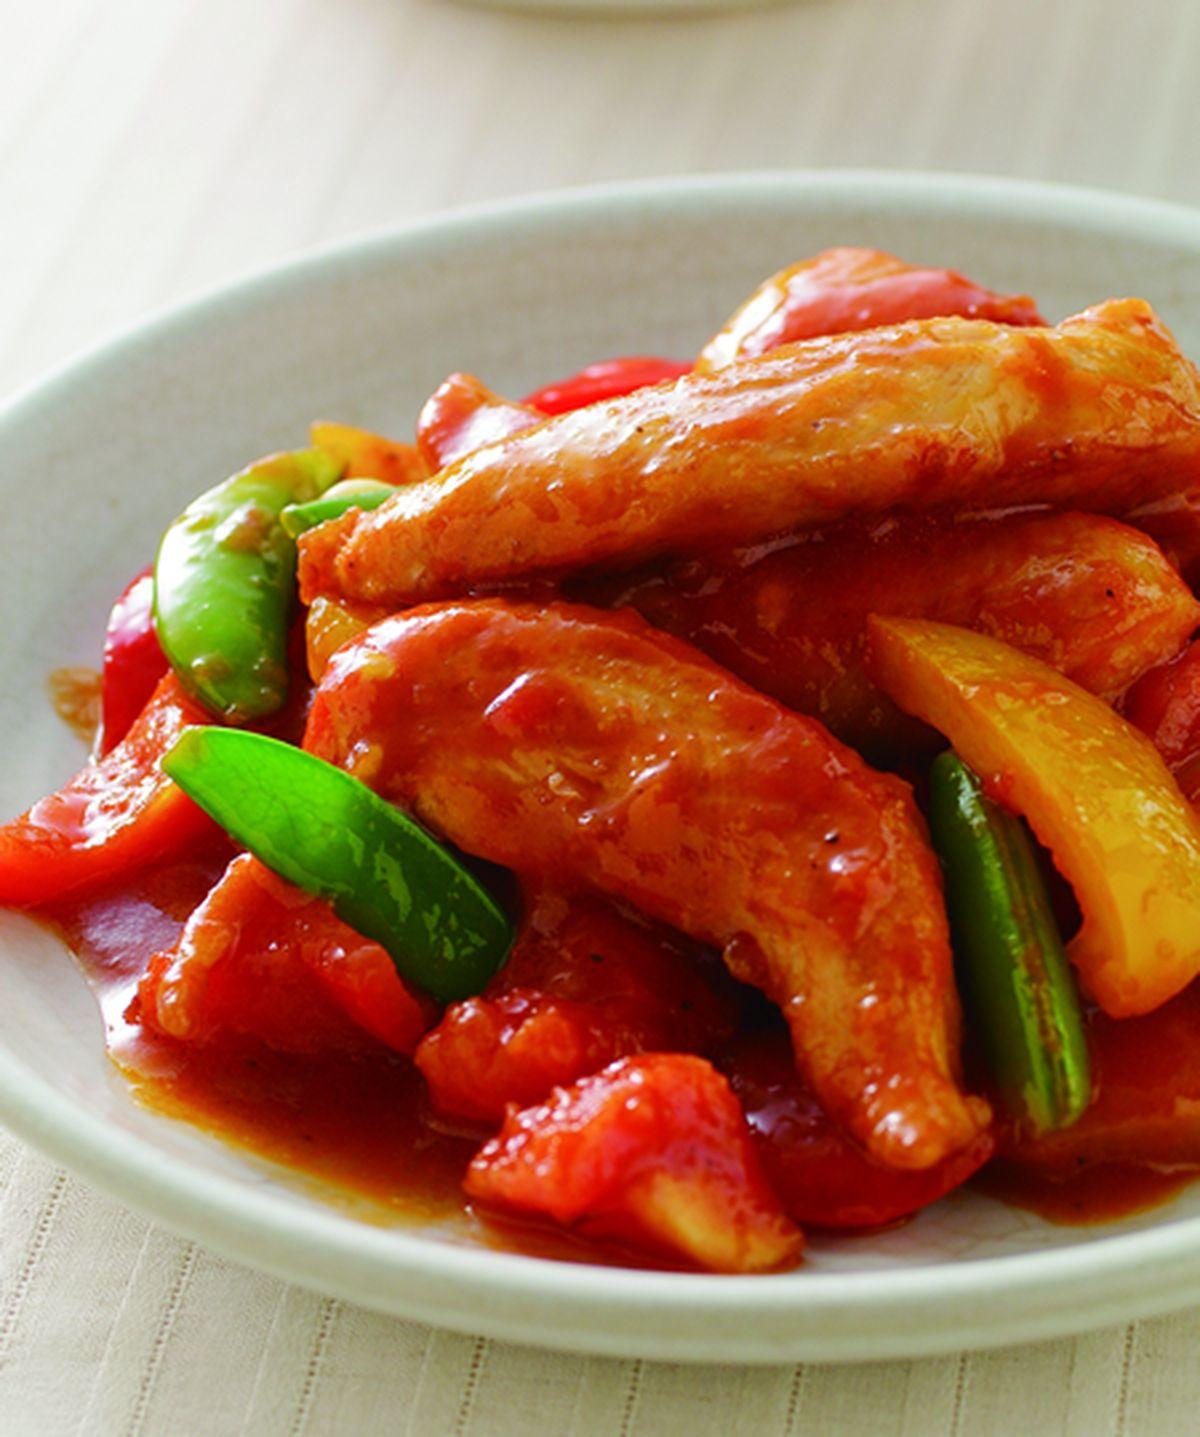 食譜:蕃茄炒雞柳